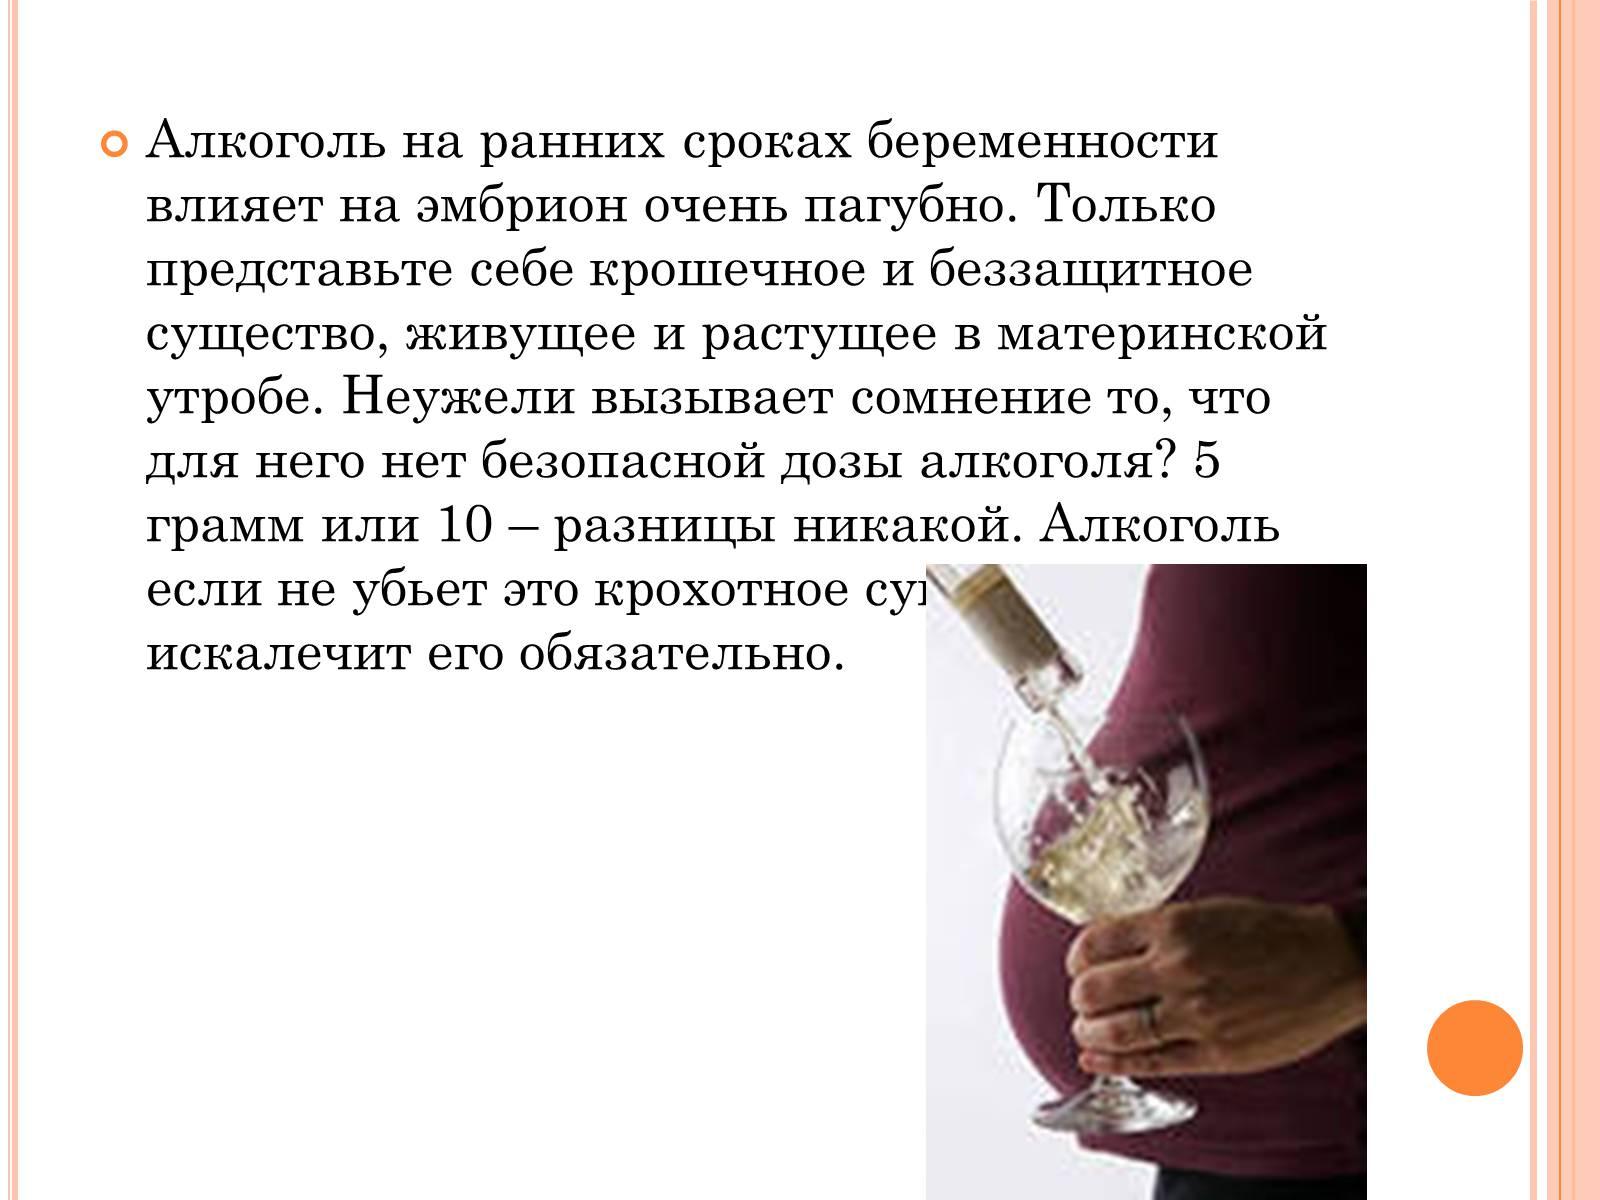 Употребление алкоголя на ранних сроках беременности